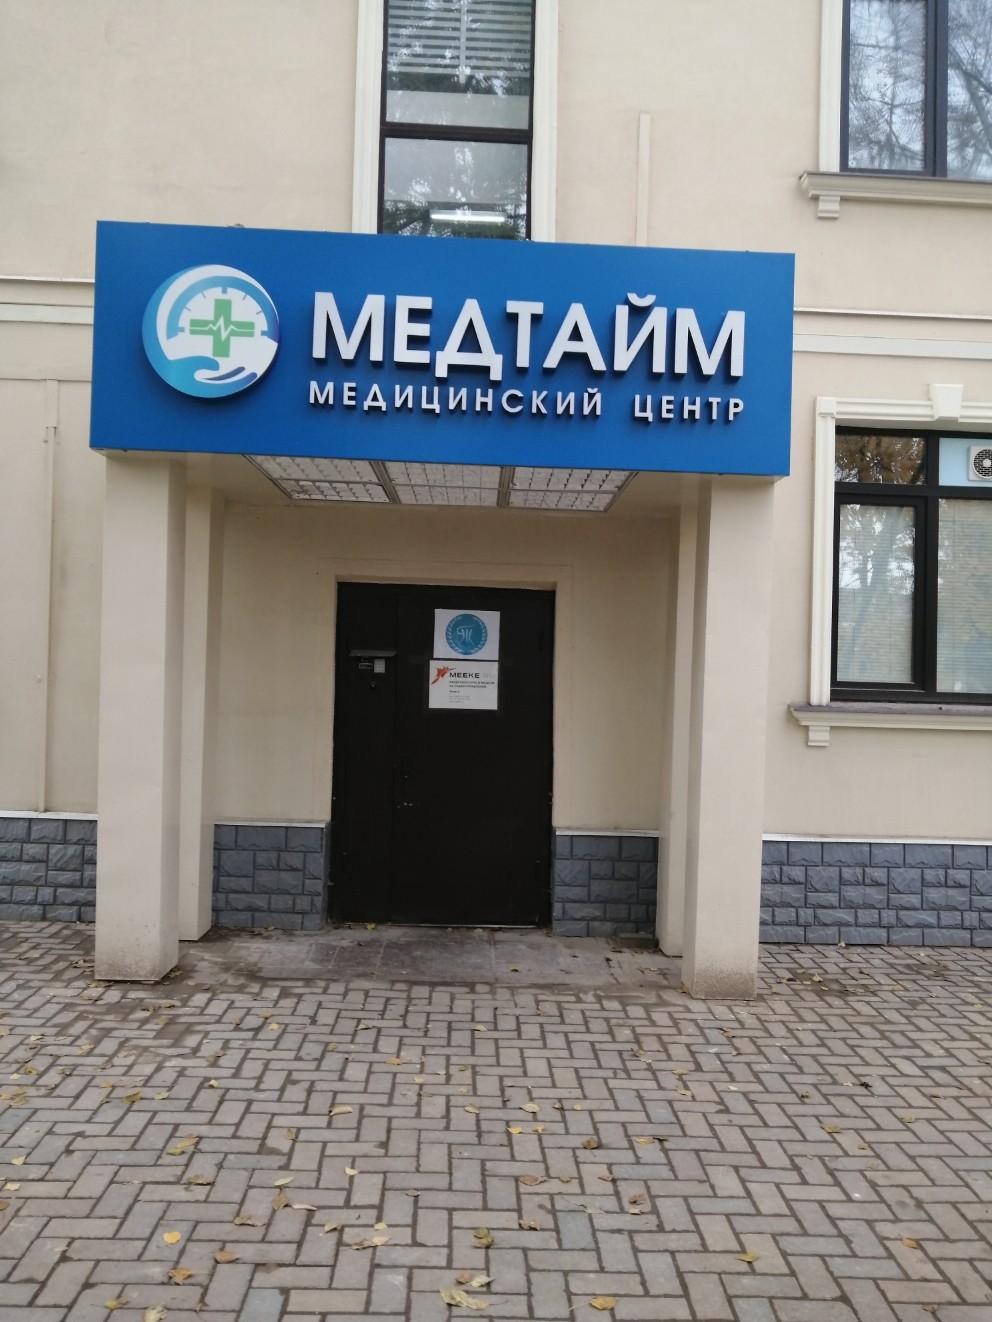 Медтайм Медицинский центр приглашает на сеанс коррекции фигуры и лечебного массажа от фирмы Тело Богини.